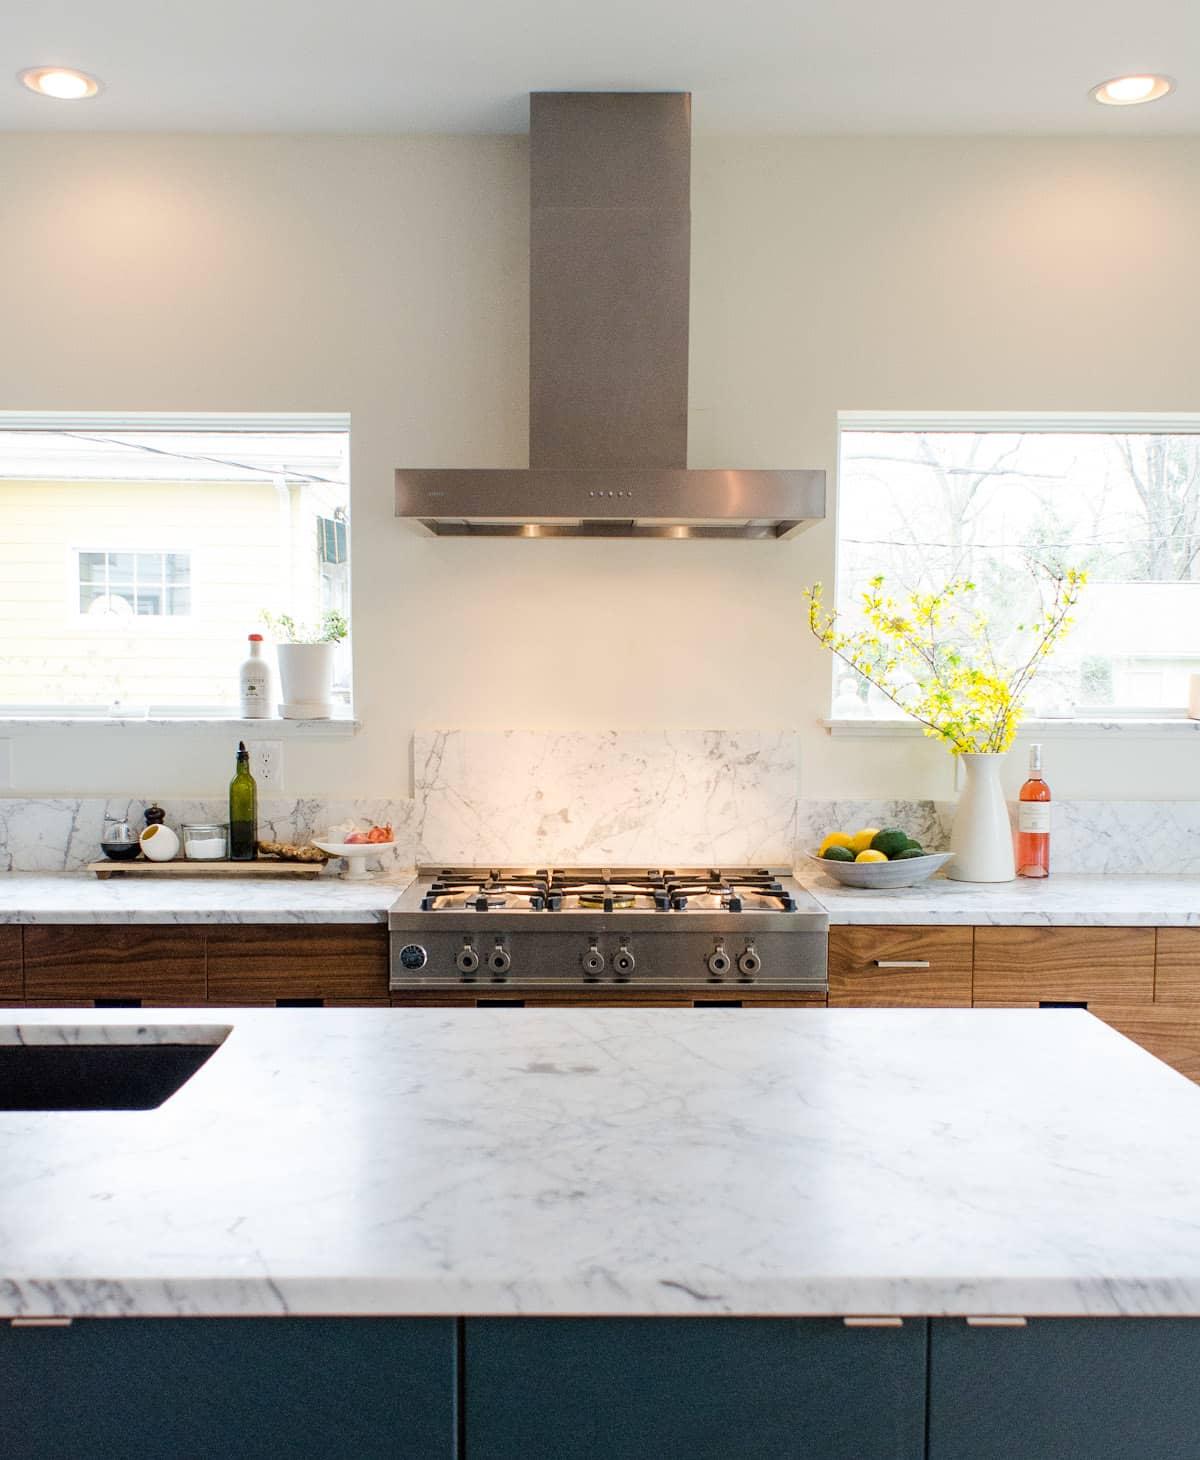 Kitchen Renovation Apartment Therapy: Faith's Kitchen Renovation: The Big Reveal, The Final